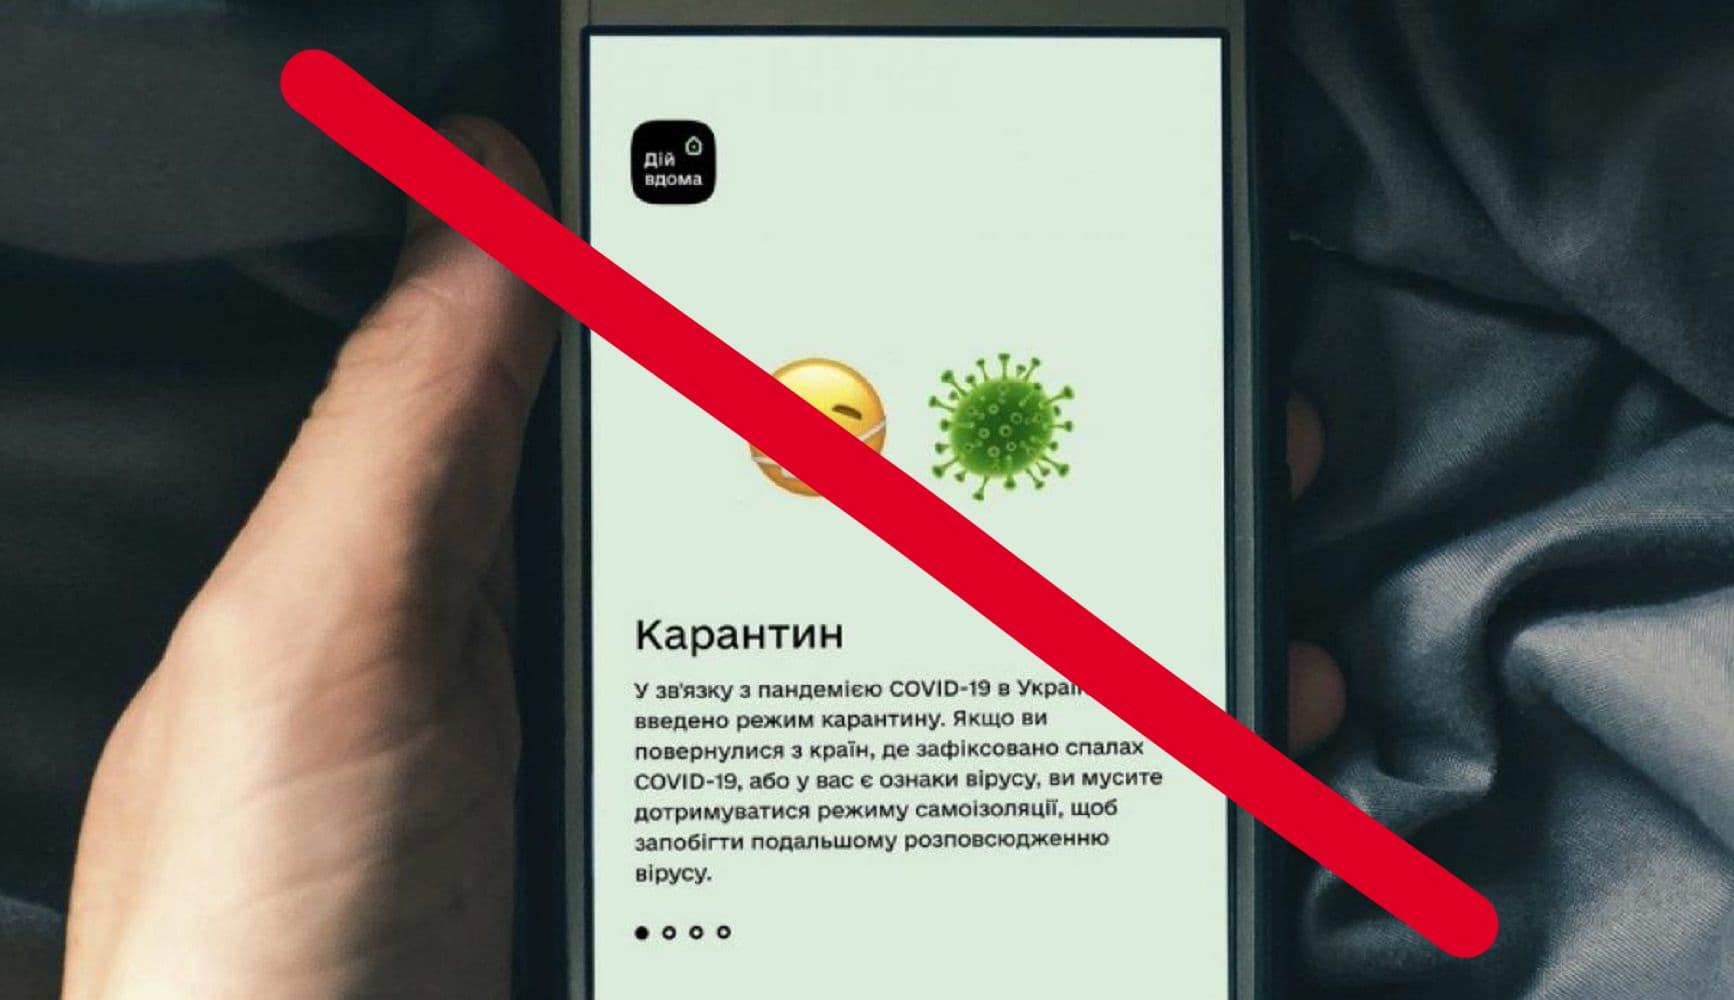 Самоизоляция отменяется: украинцам, вернувшимся из-за границы, карантин и тесты не нужны